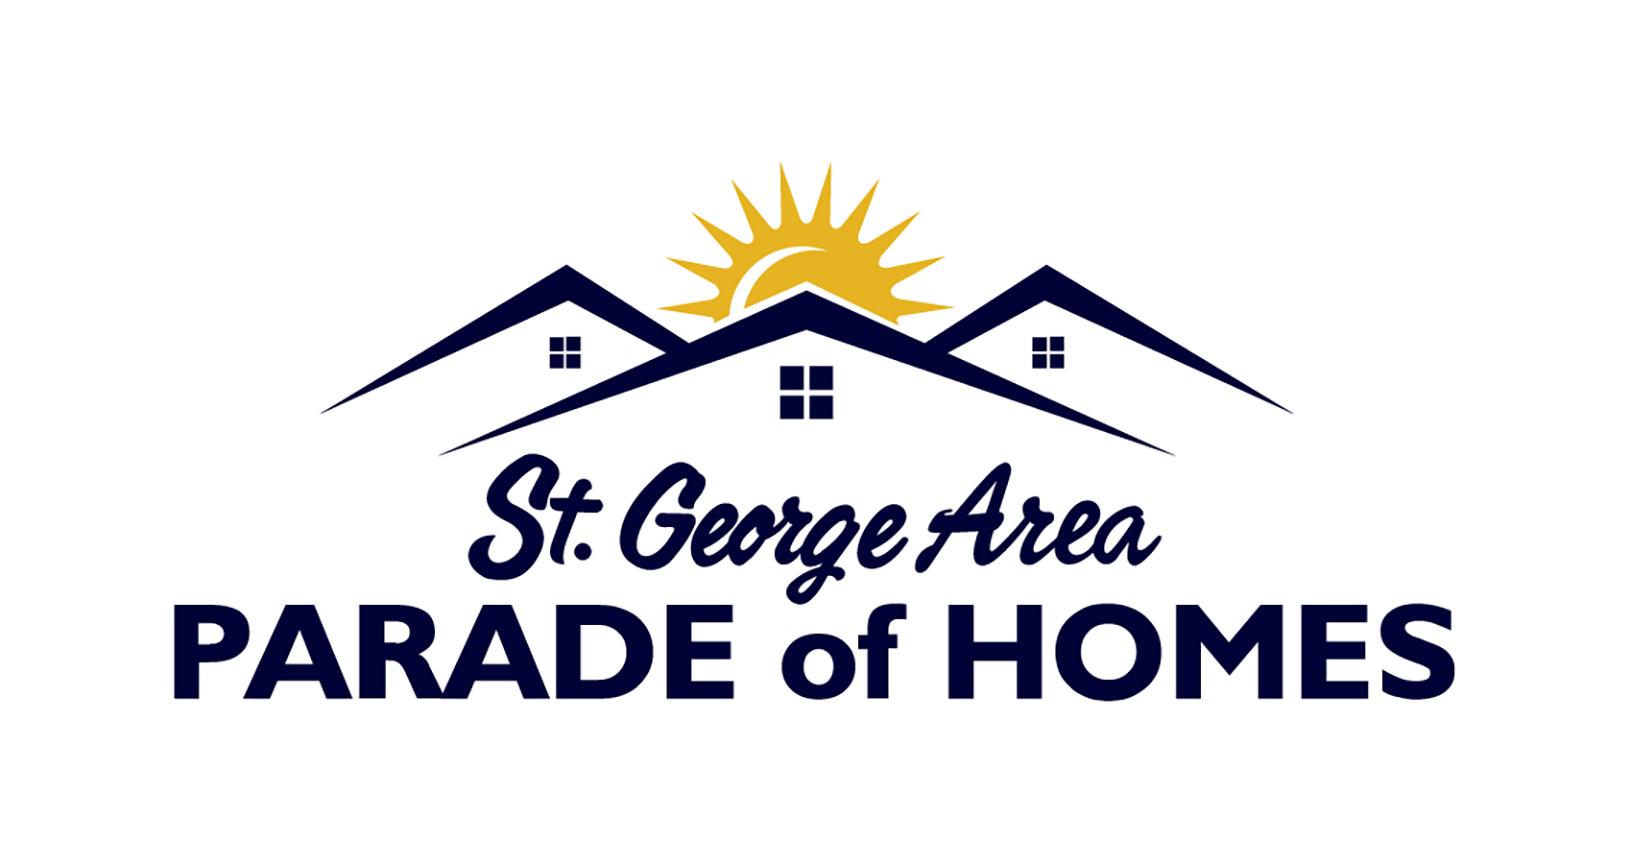 parade homes stg logo